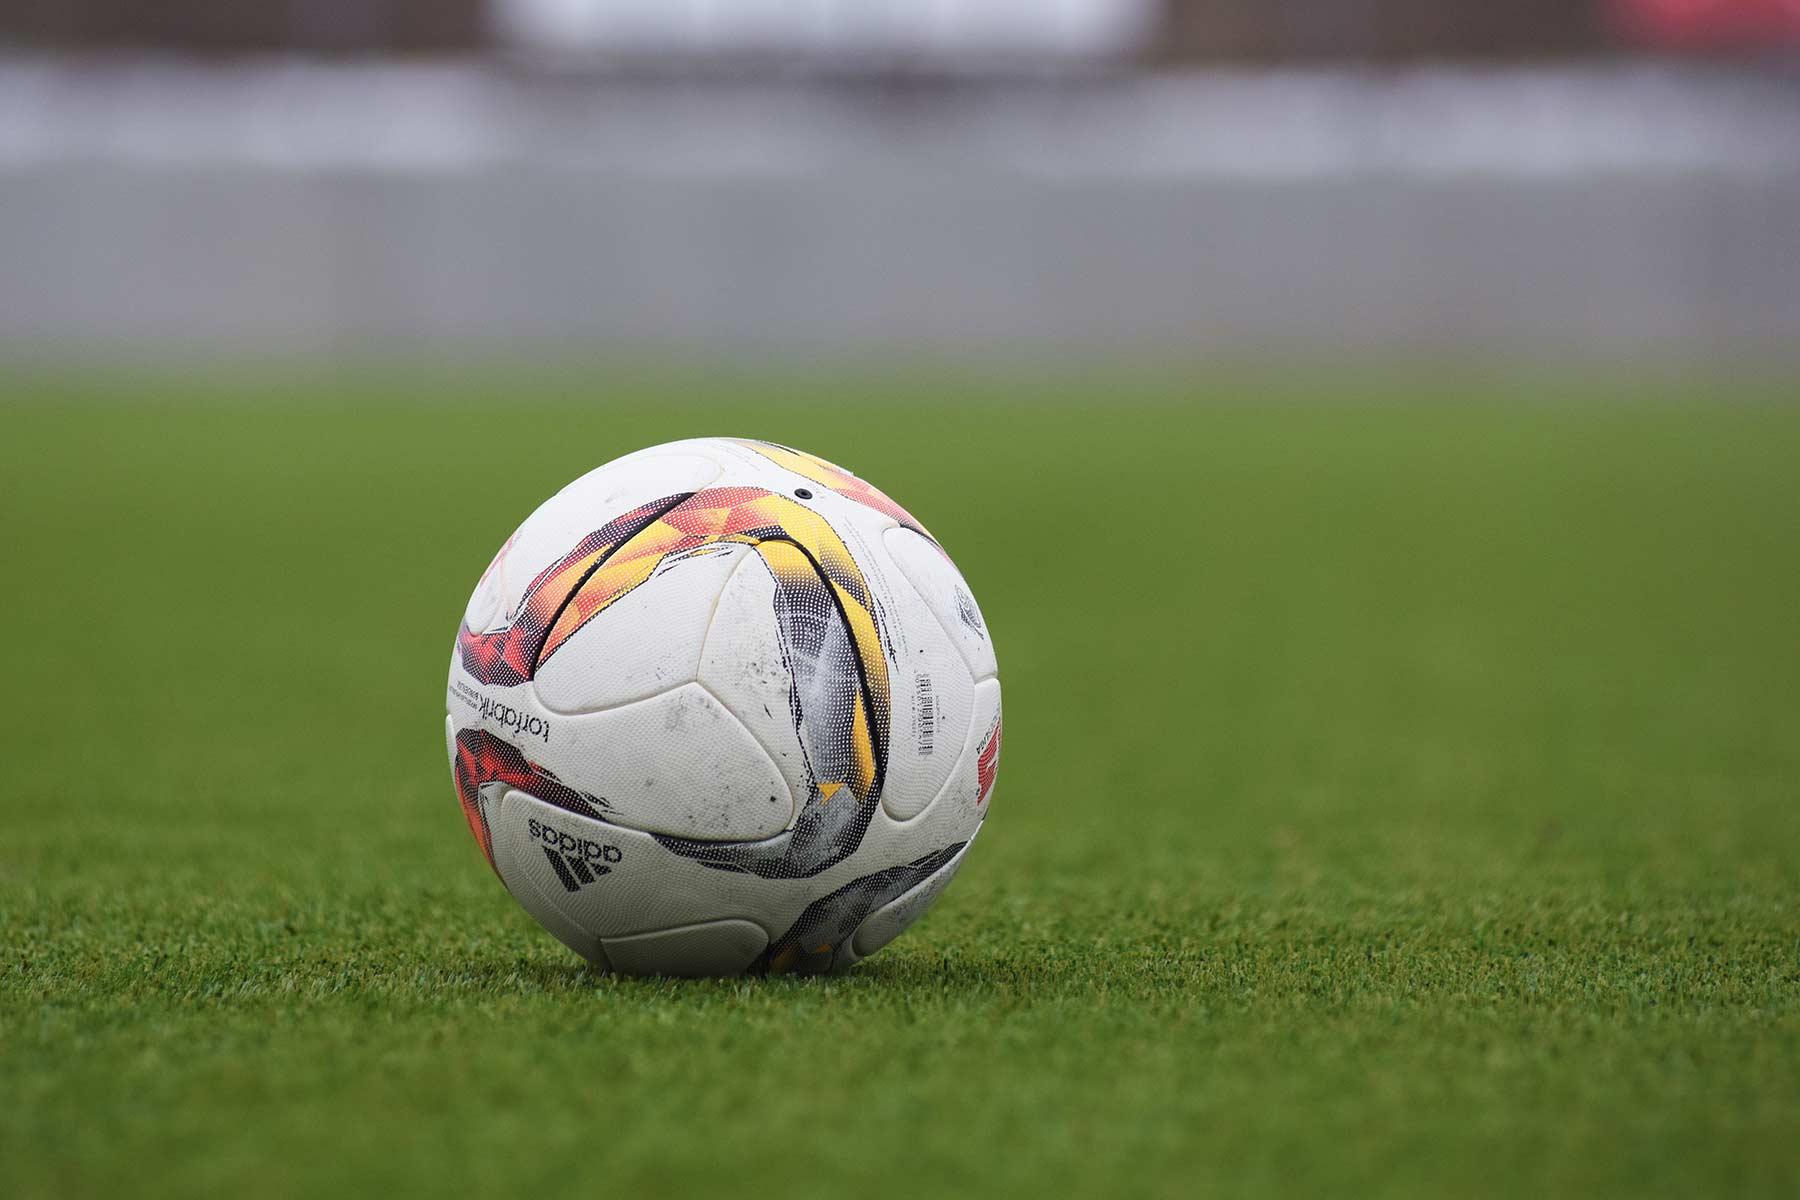 Dauert ein Fußballspiel bald 2×30 Minuten?